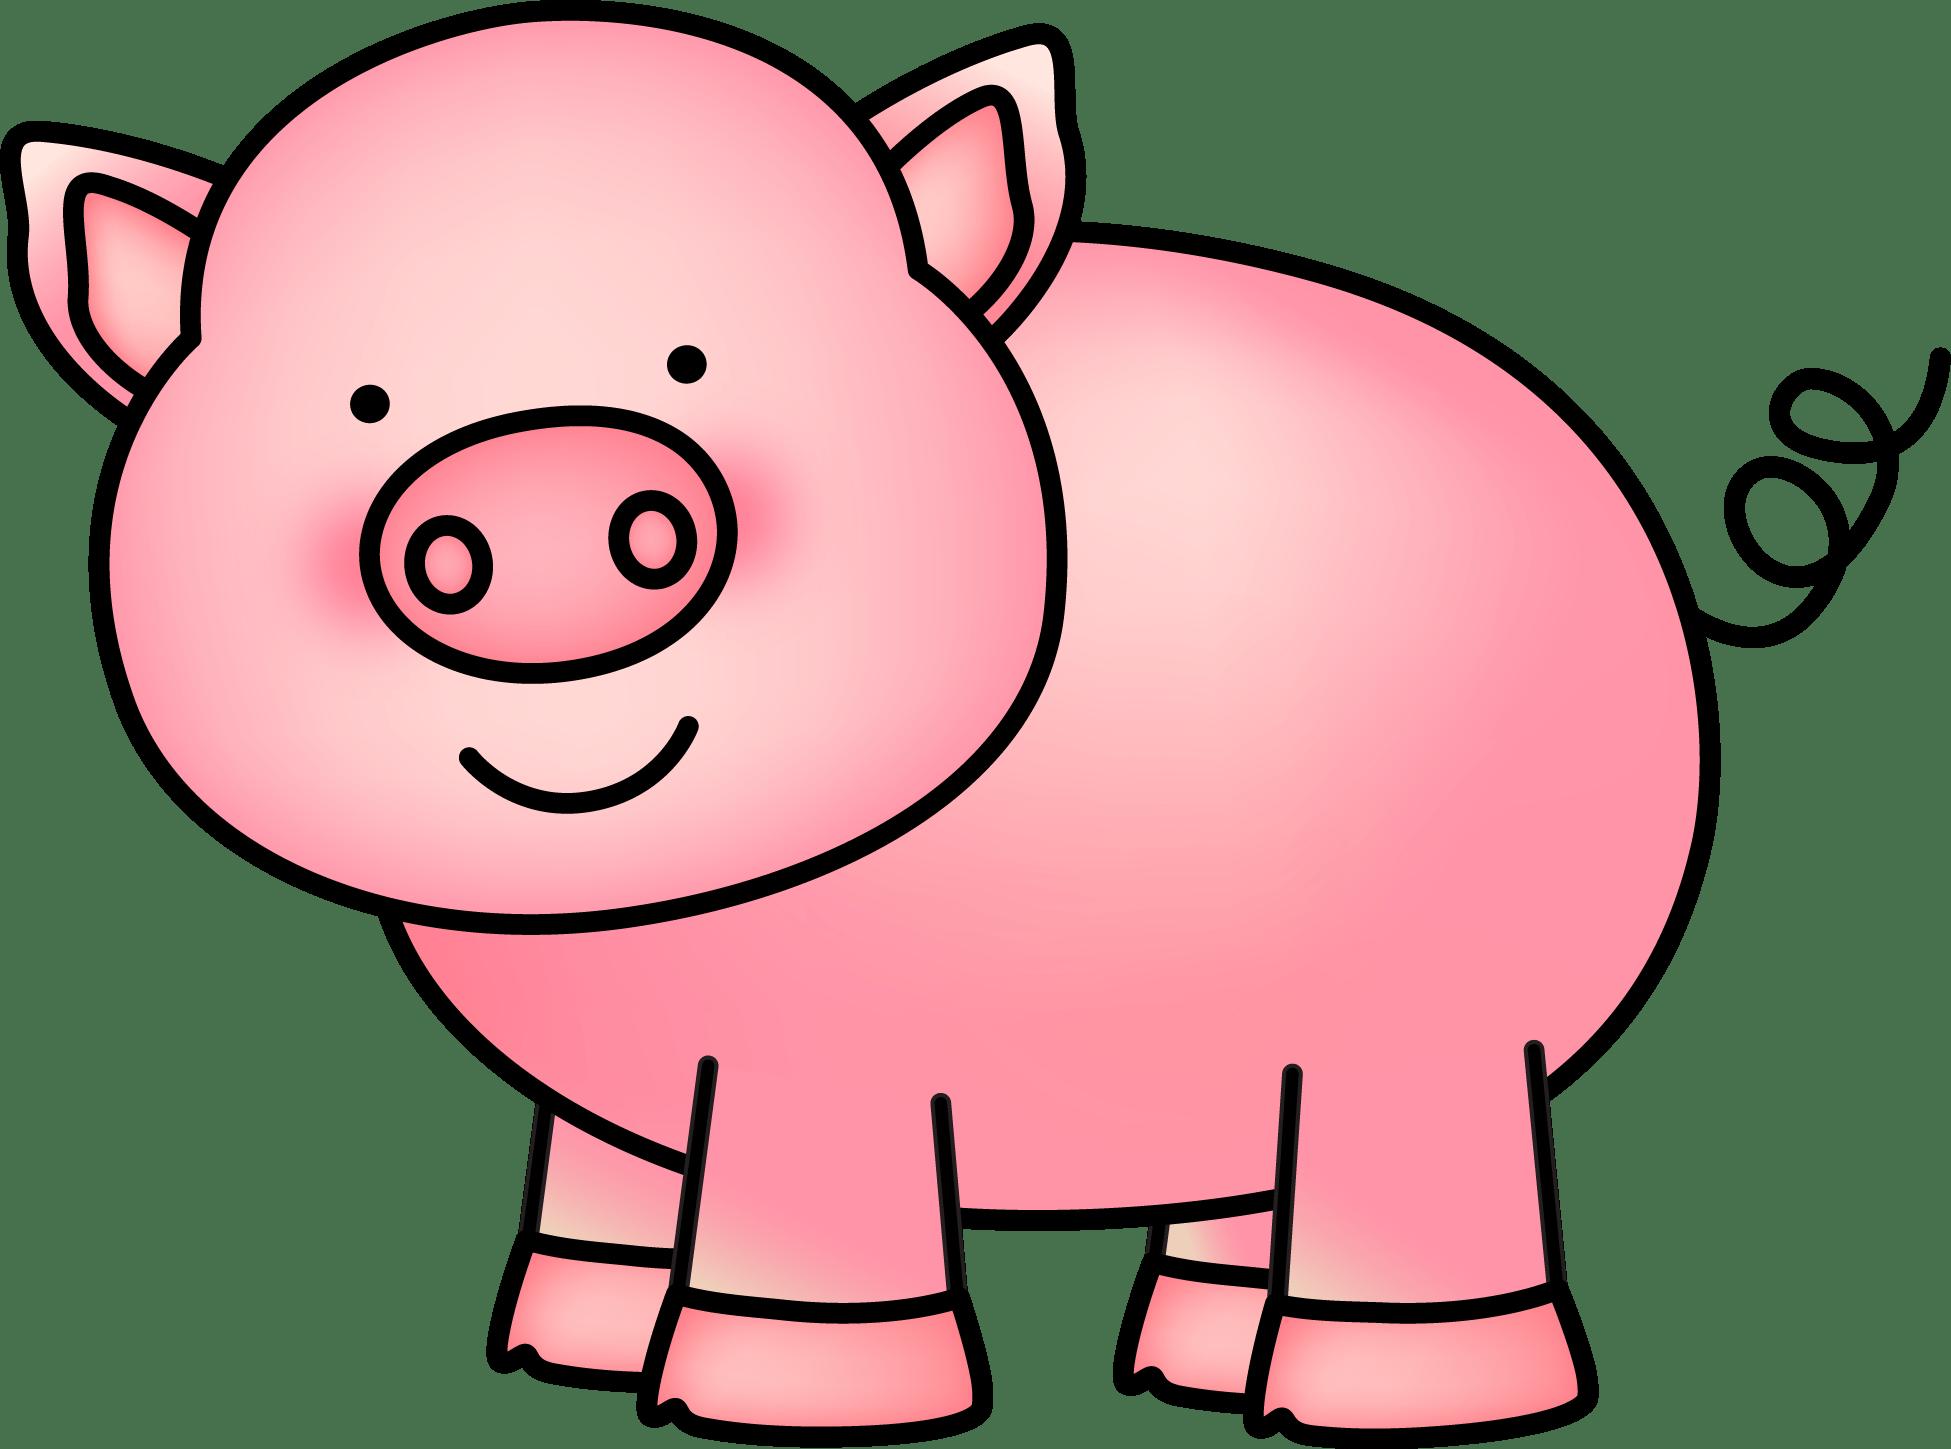 image free download humpty dumpty clipart kindergarten #79852051